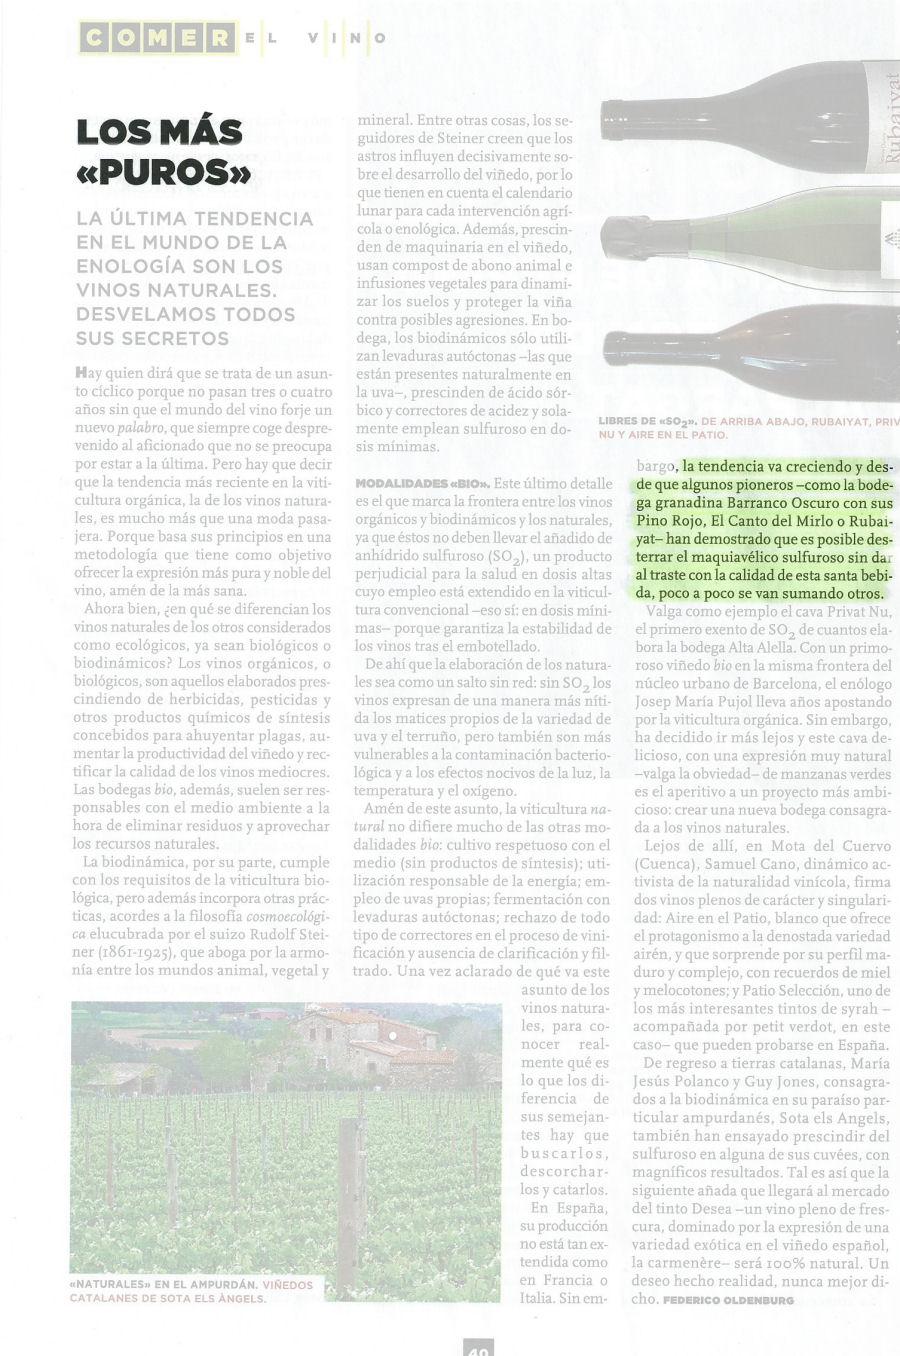 Los más puros (Metrópoli El Mundo, 28/06/2013)